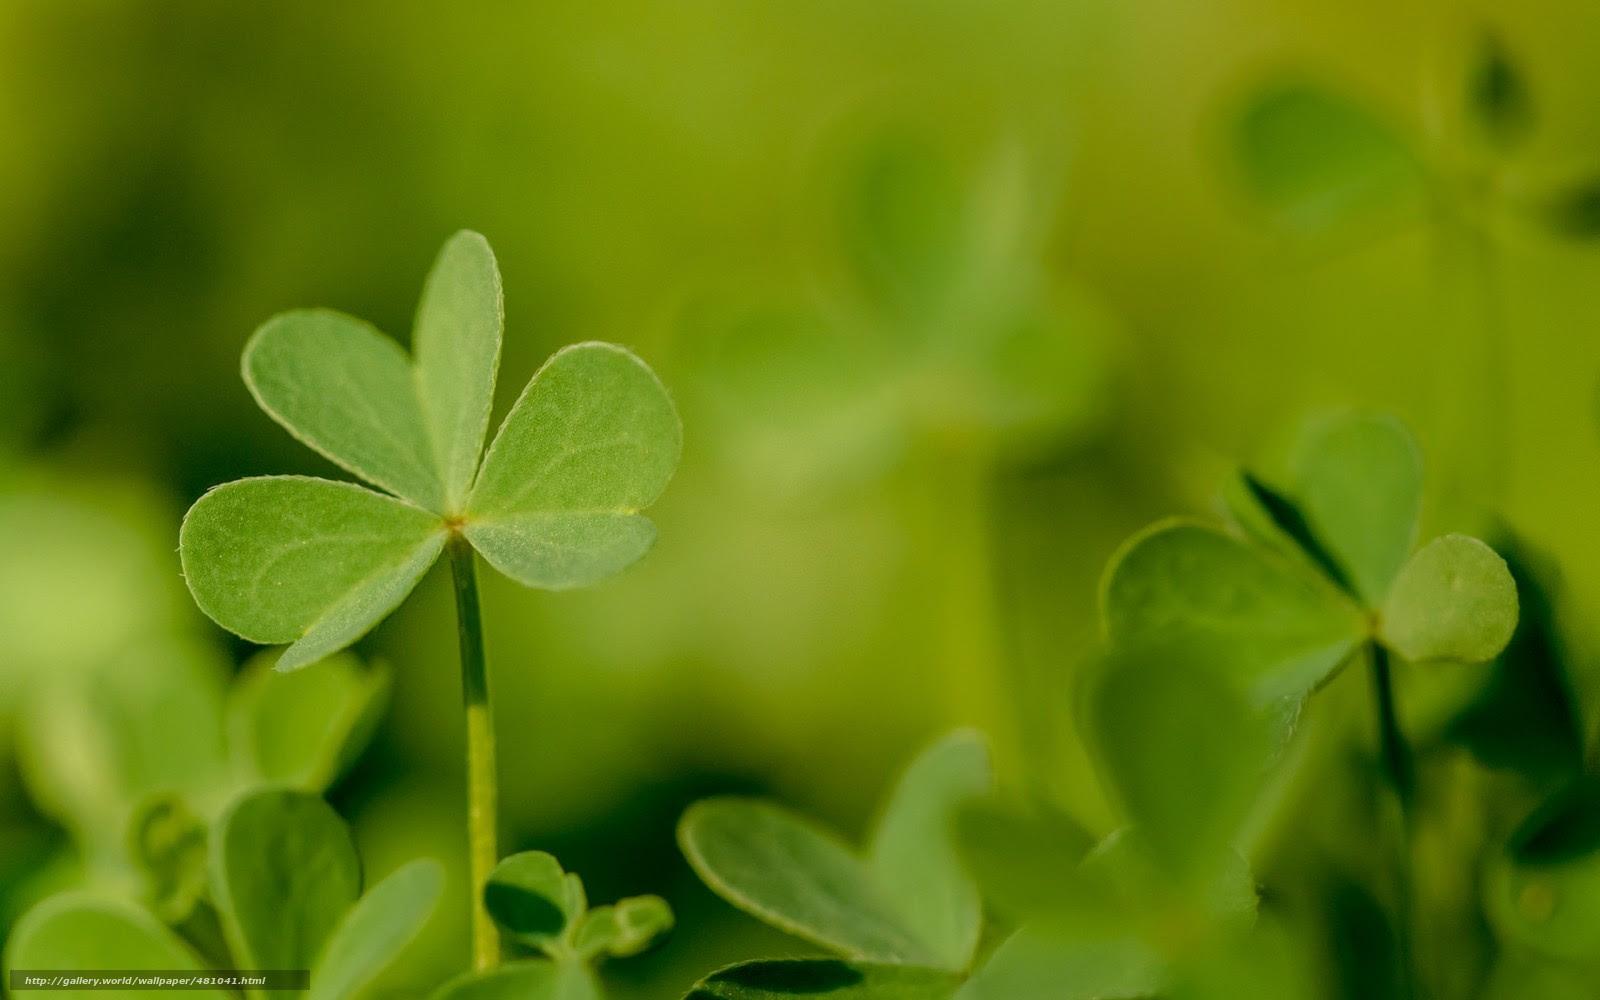 壁紙をダウンロード 葉 クローバー 植物 菜 デスクトップの解像度の